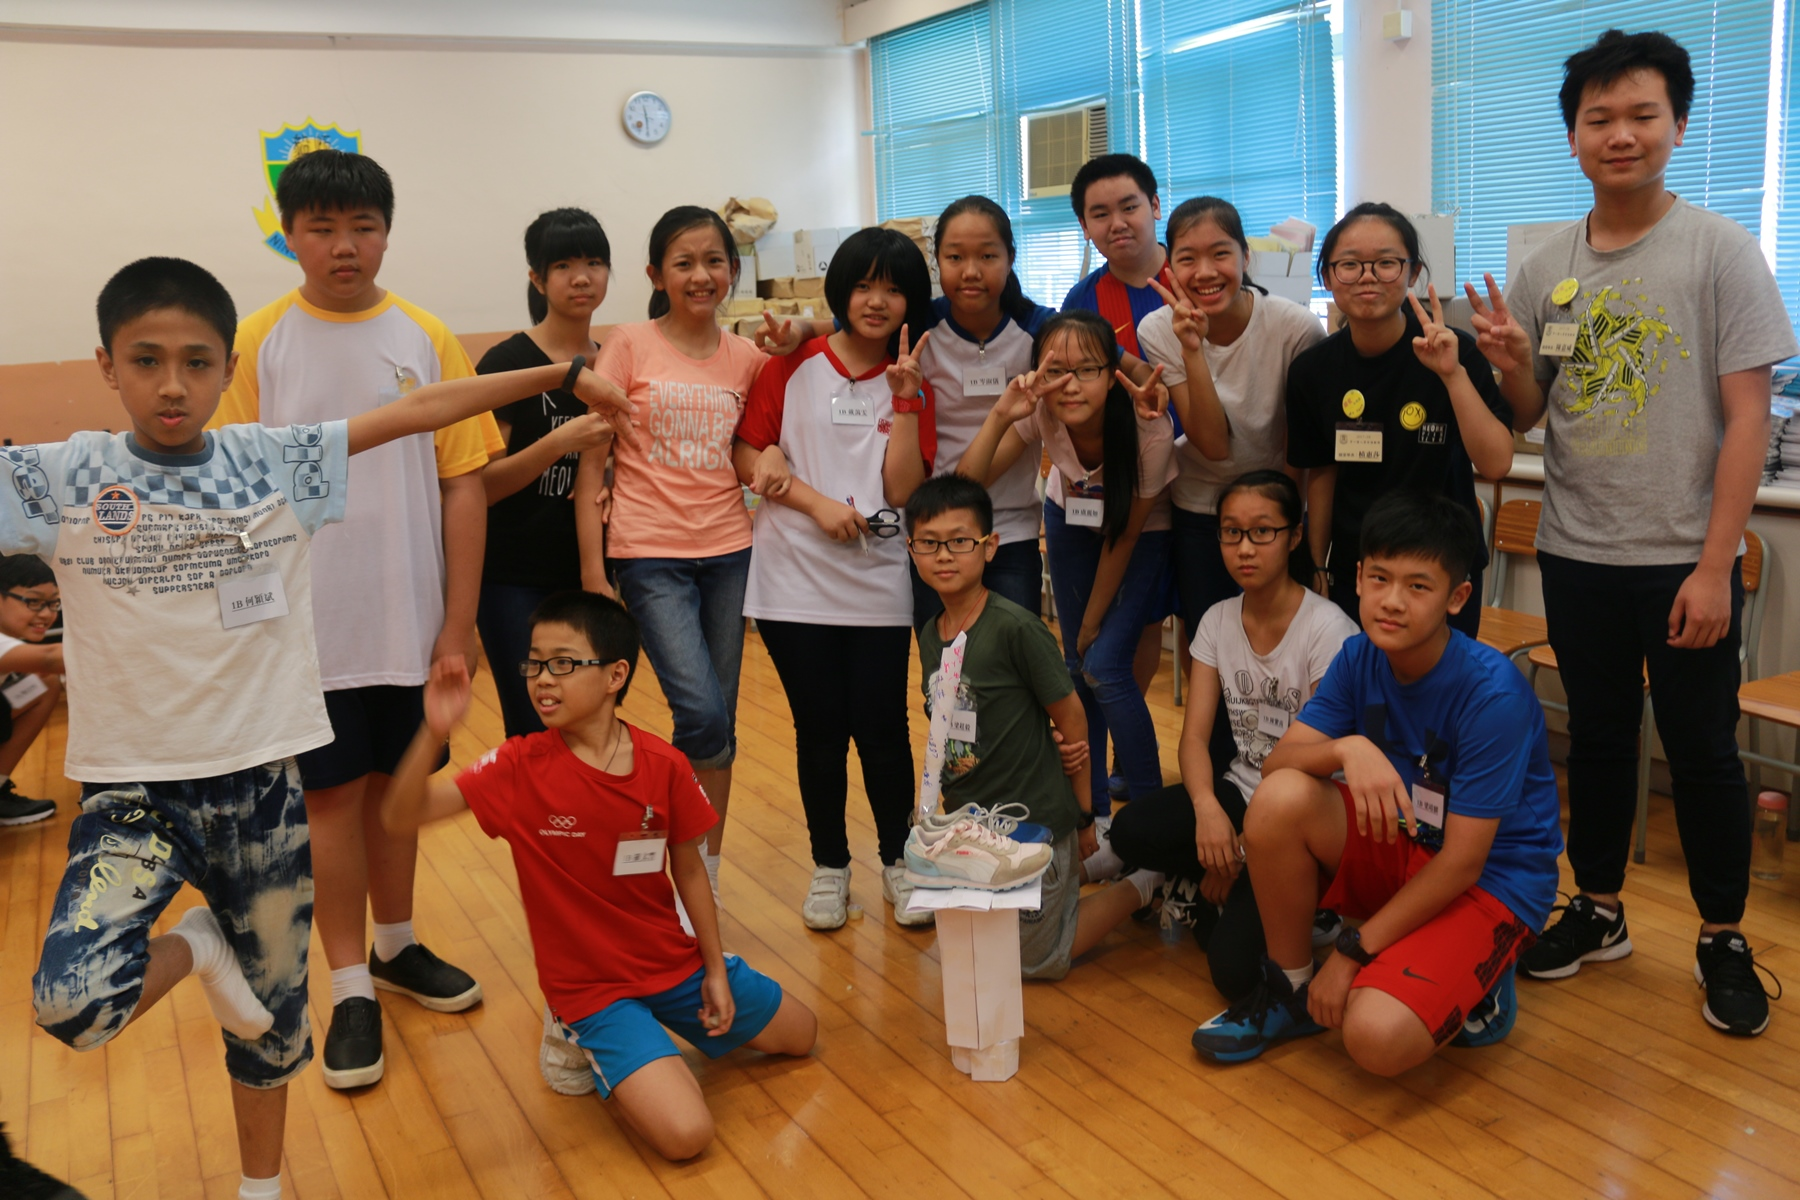 http://www.npc.edu.hk/sites/default/files/1b_hu_li_hu_mian_zhong_zhi_cheng_cheng_20170818_10.jpg